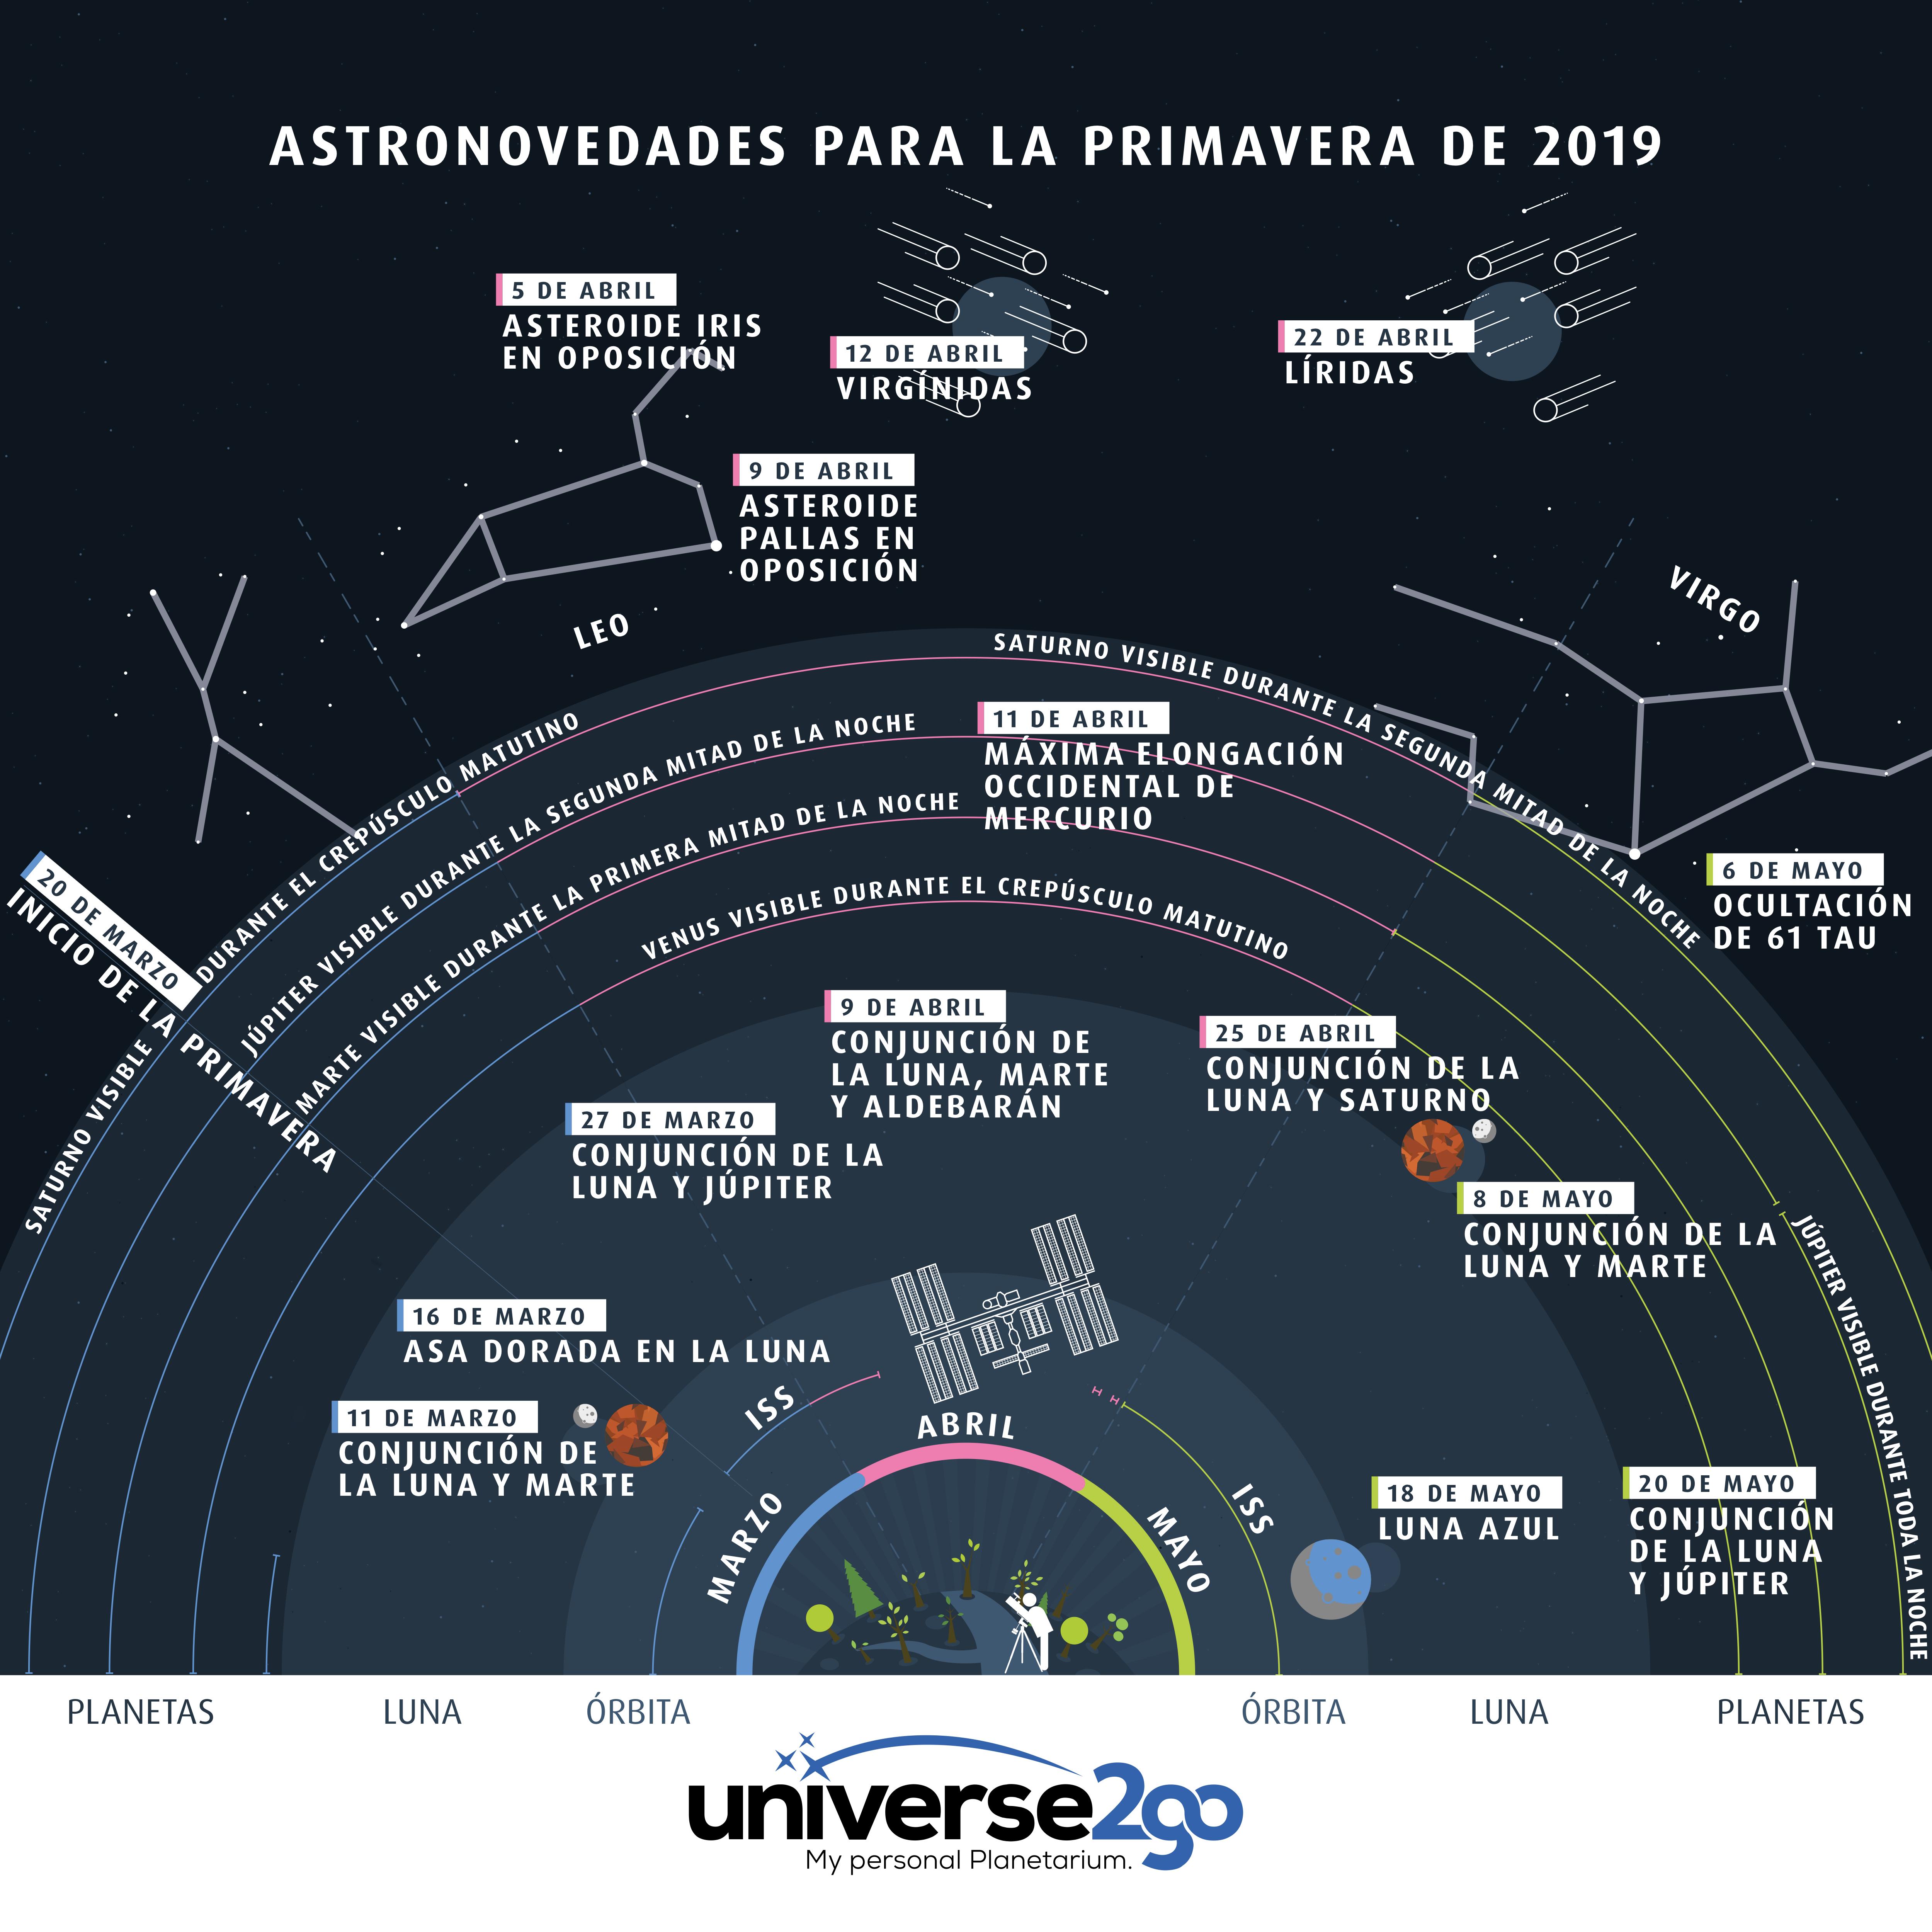 El calendario astronómico para los próximos tres meses: nuestra más reciente infografía-Efemérides-en-las-noches-de-primavera-2019